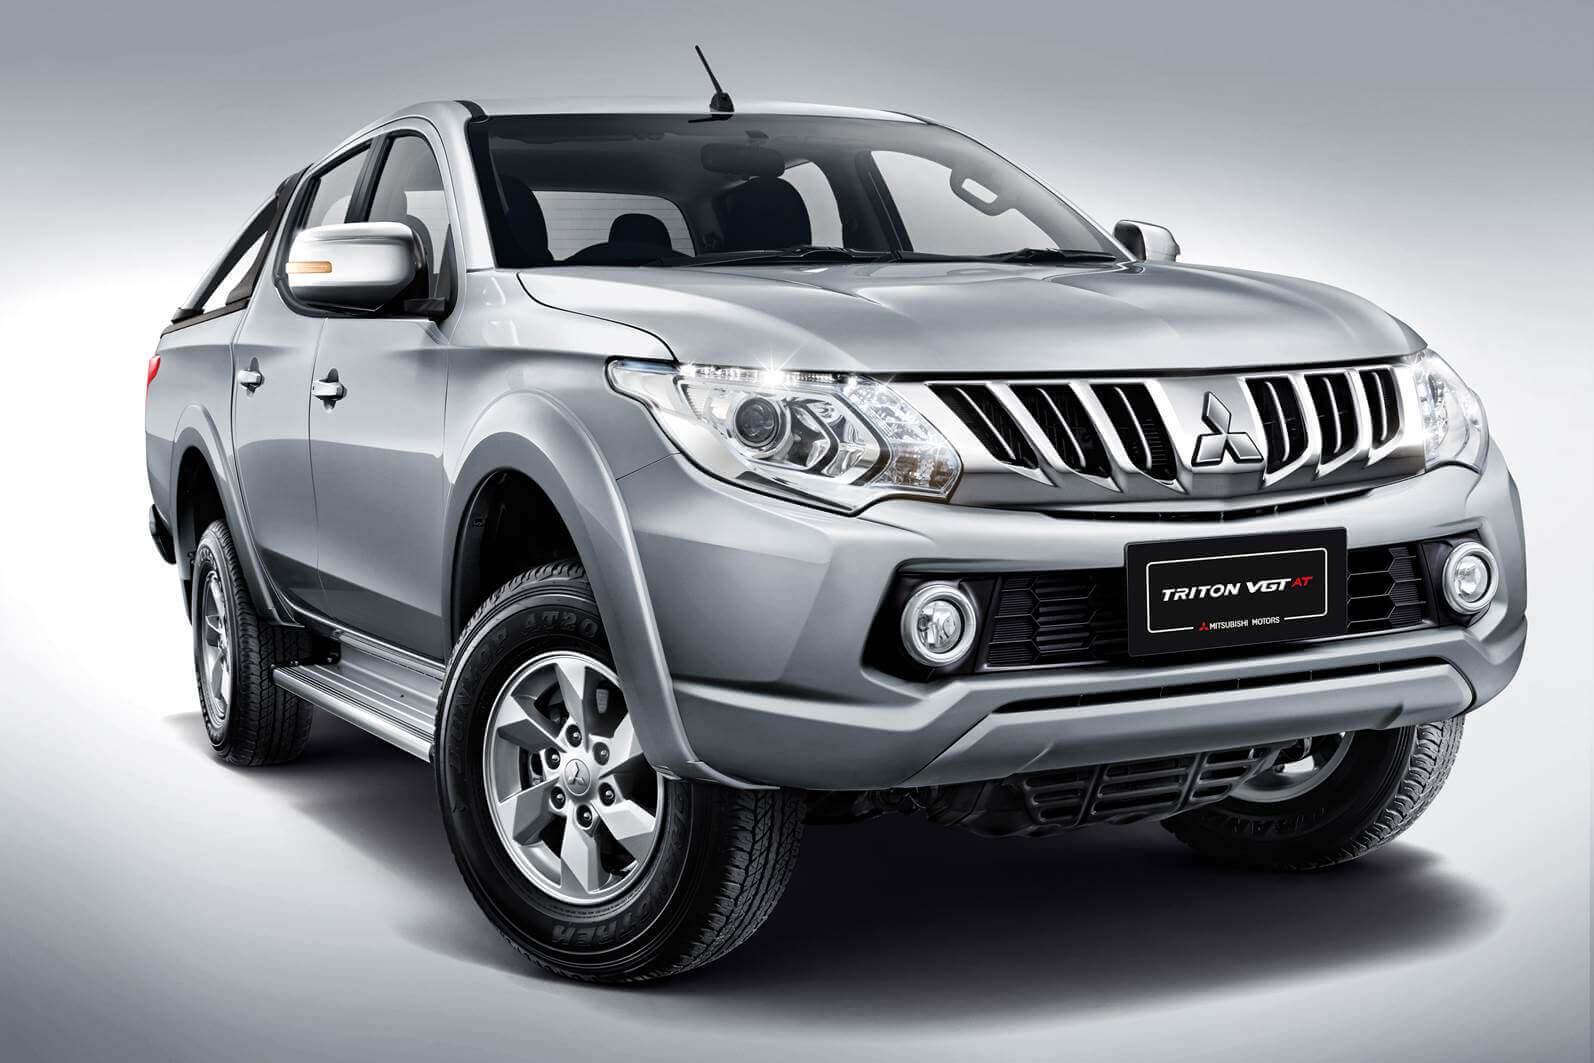 Mitsubishi Triton VGT MT Cash Rebate | Mitsubishi Motors Malaysia